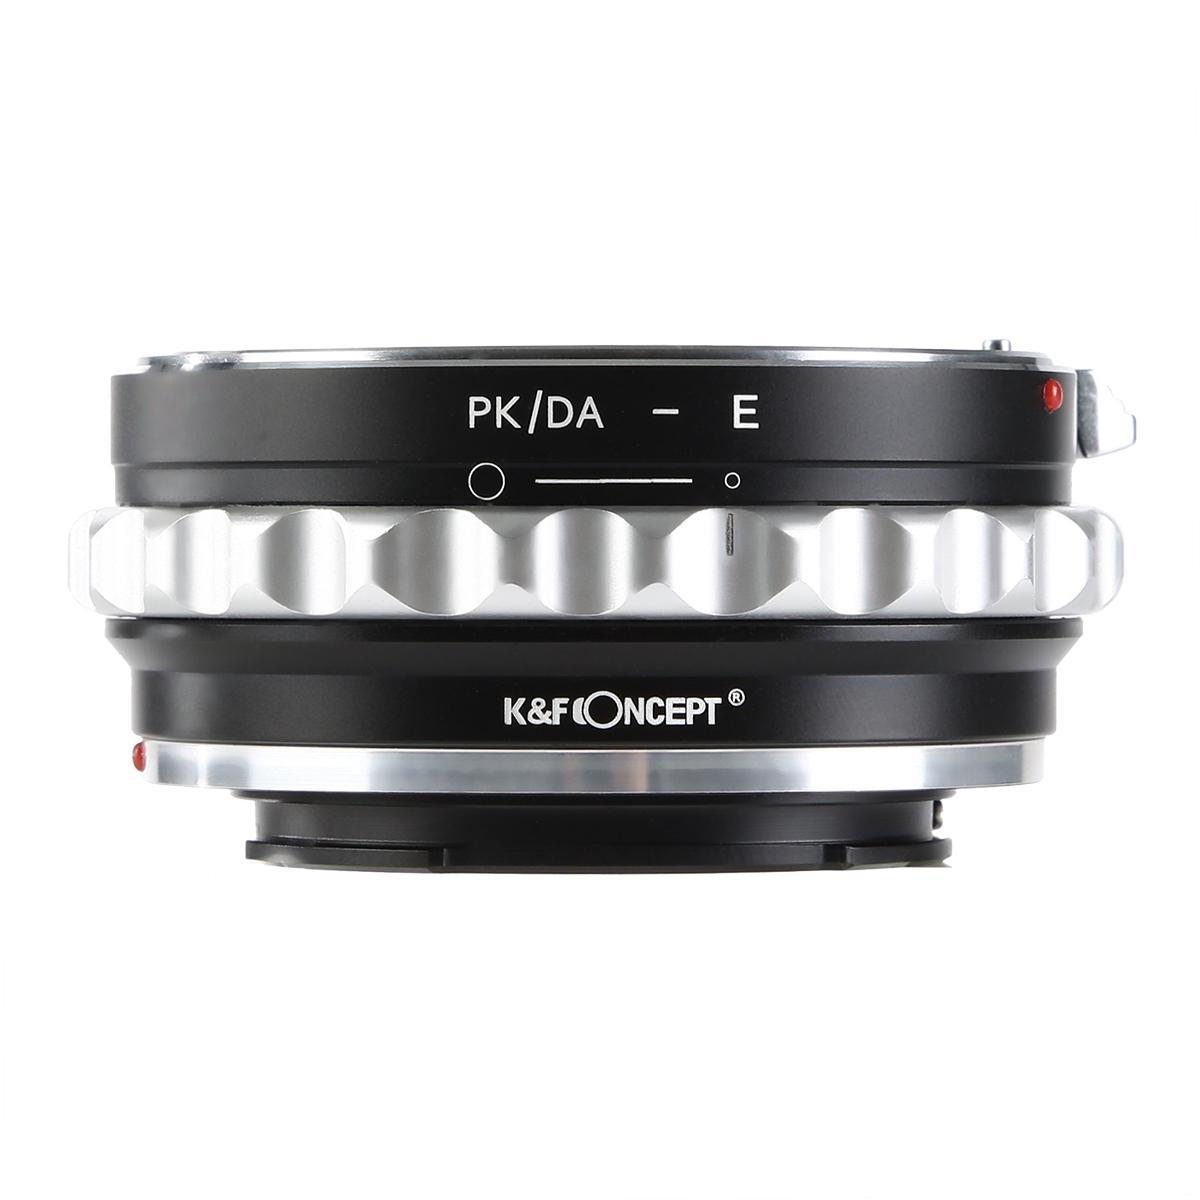 K&F M35101 Lentes Pentax K/M/A/FA/DA para Sony E Adaptador de montagem de lente para DSLR